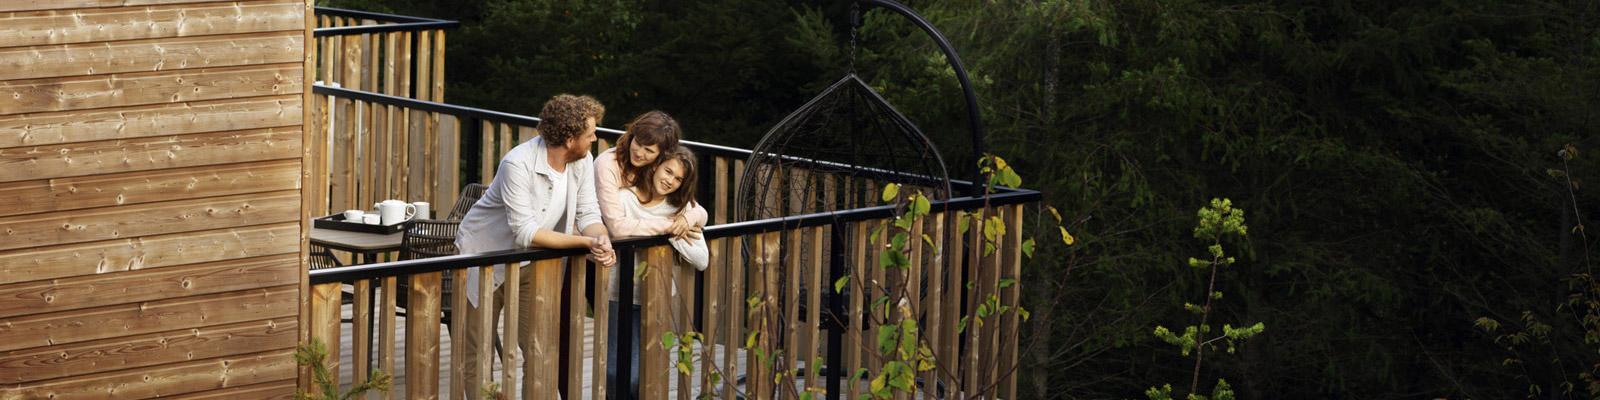 Familie auf Terrasse